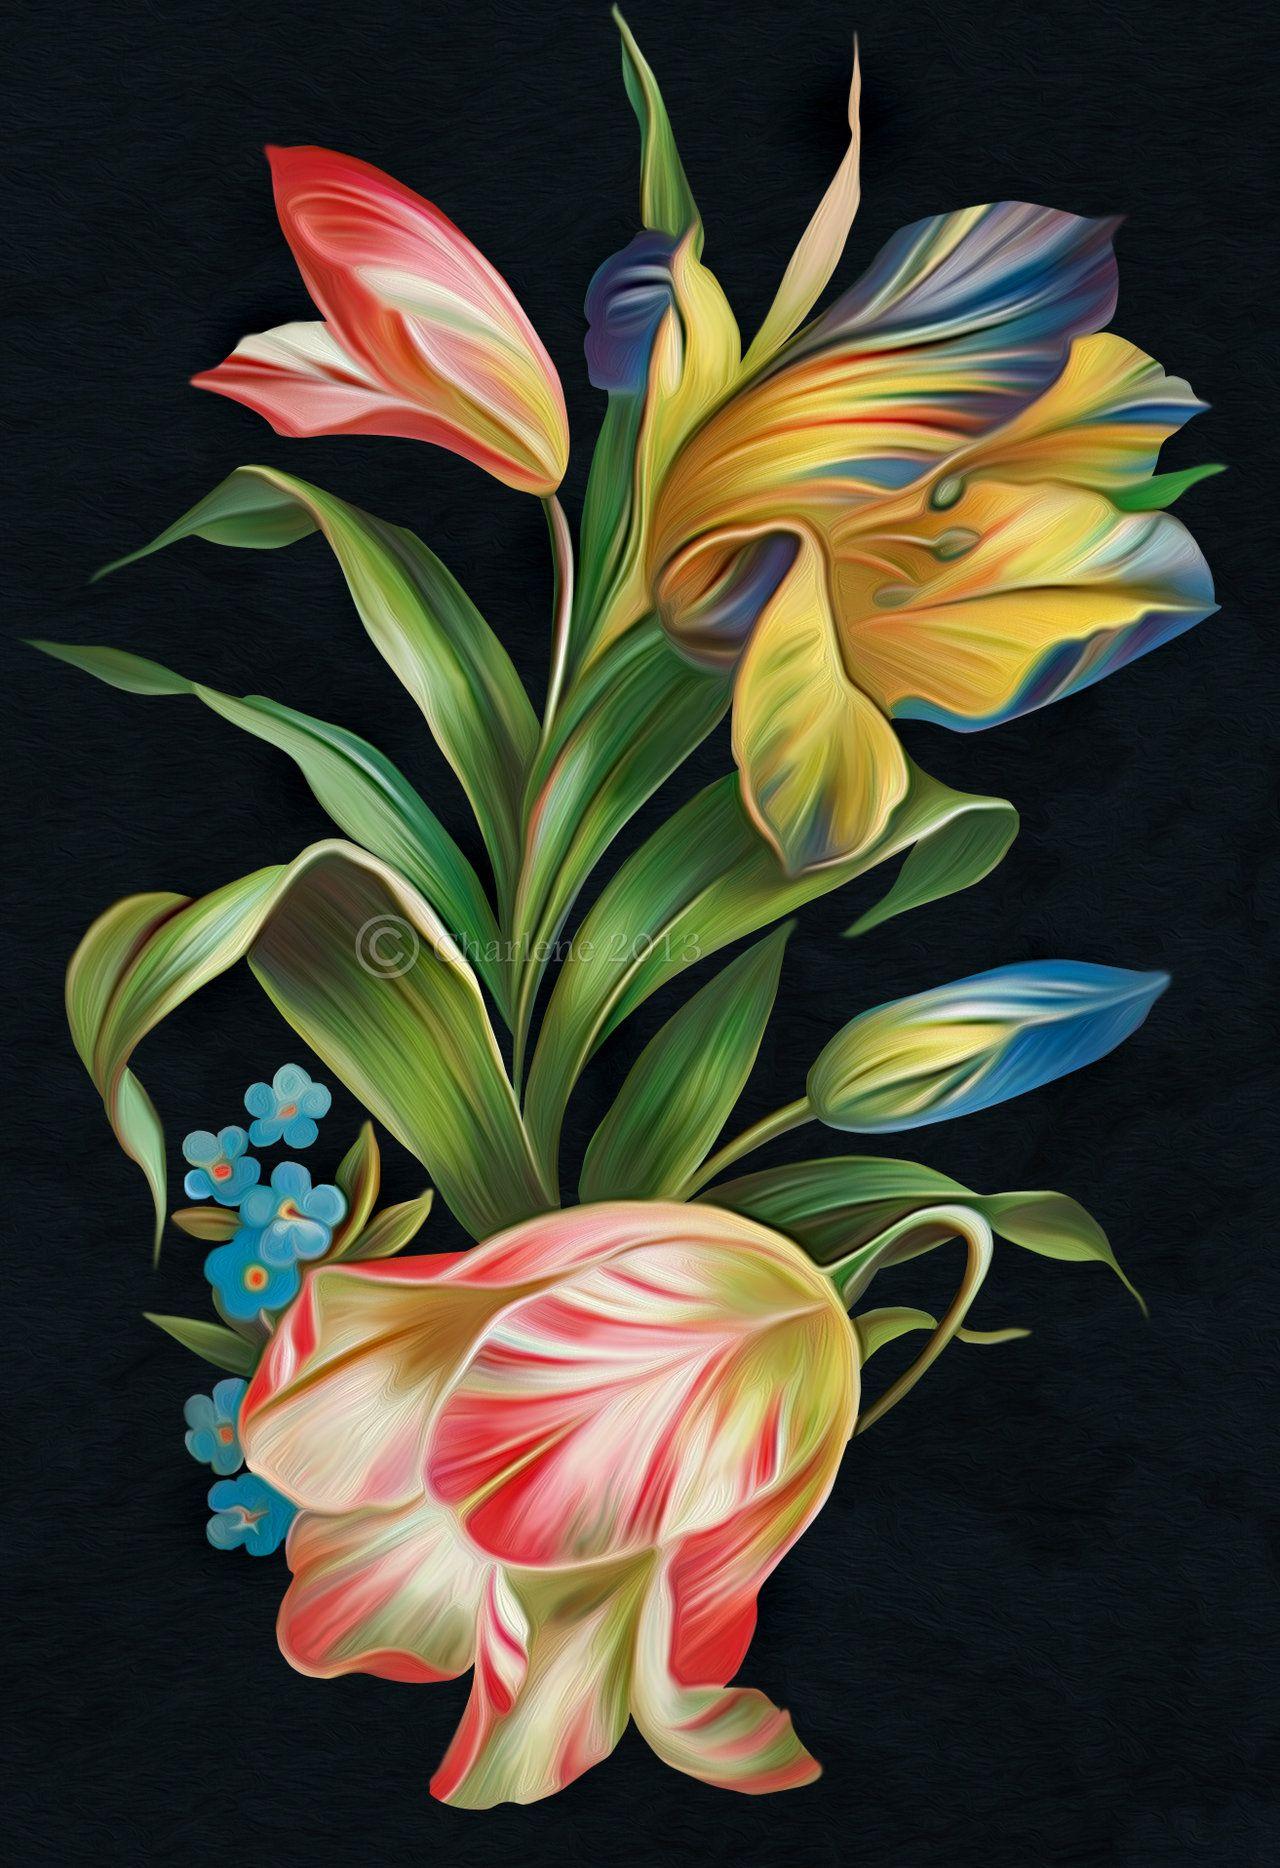 Floral Digital Painting